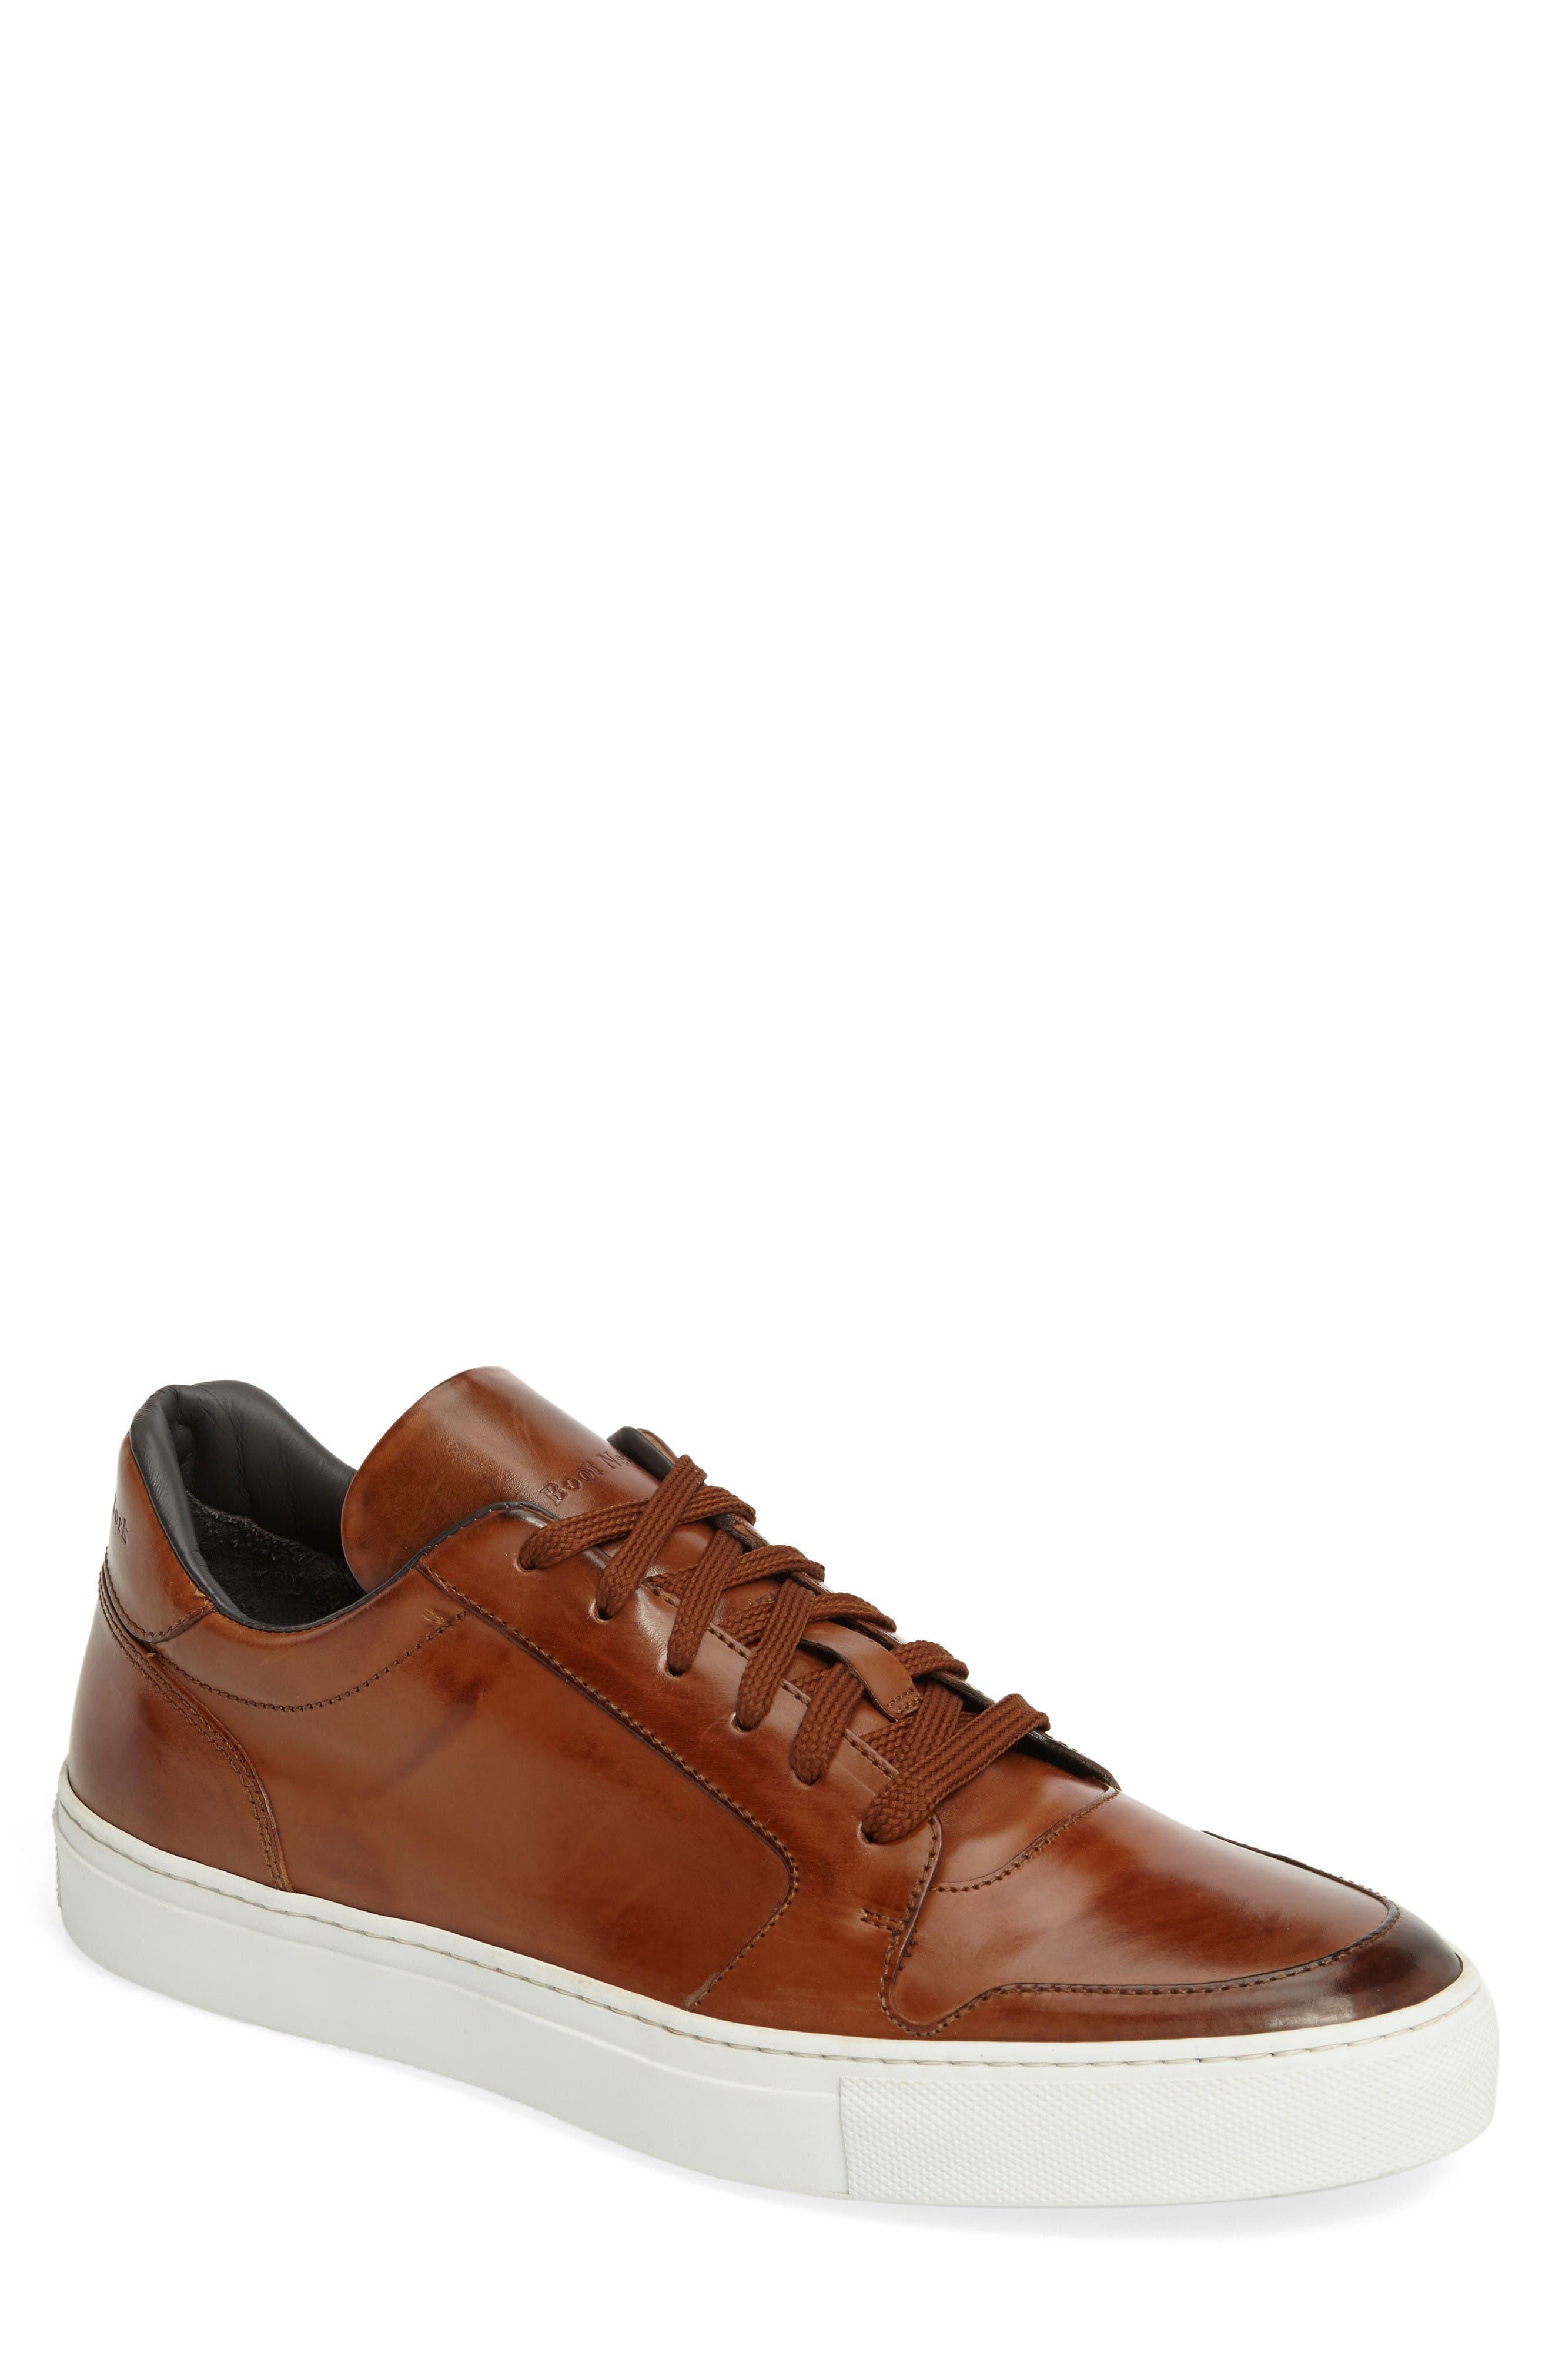 Main Image - To Boot New York Calvin Sneaker (Men)